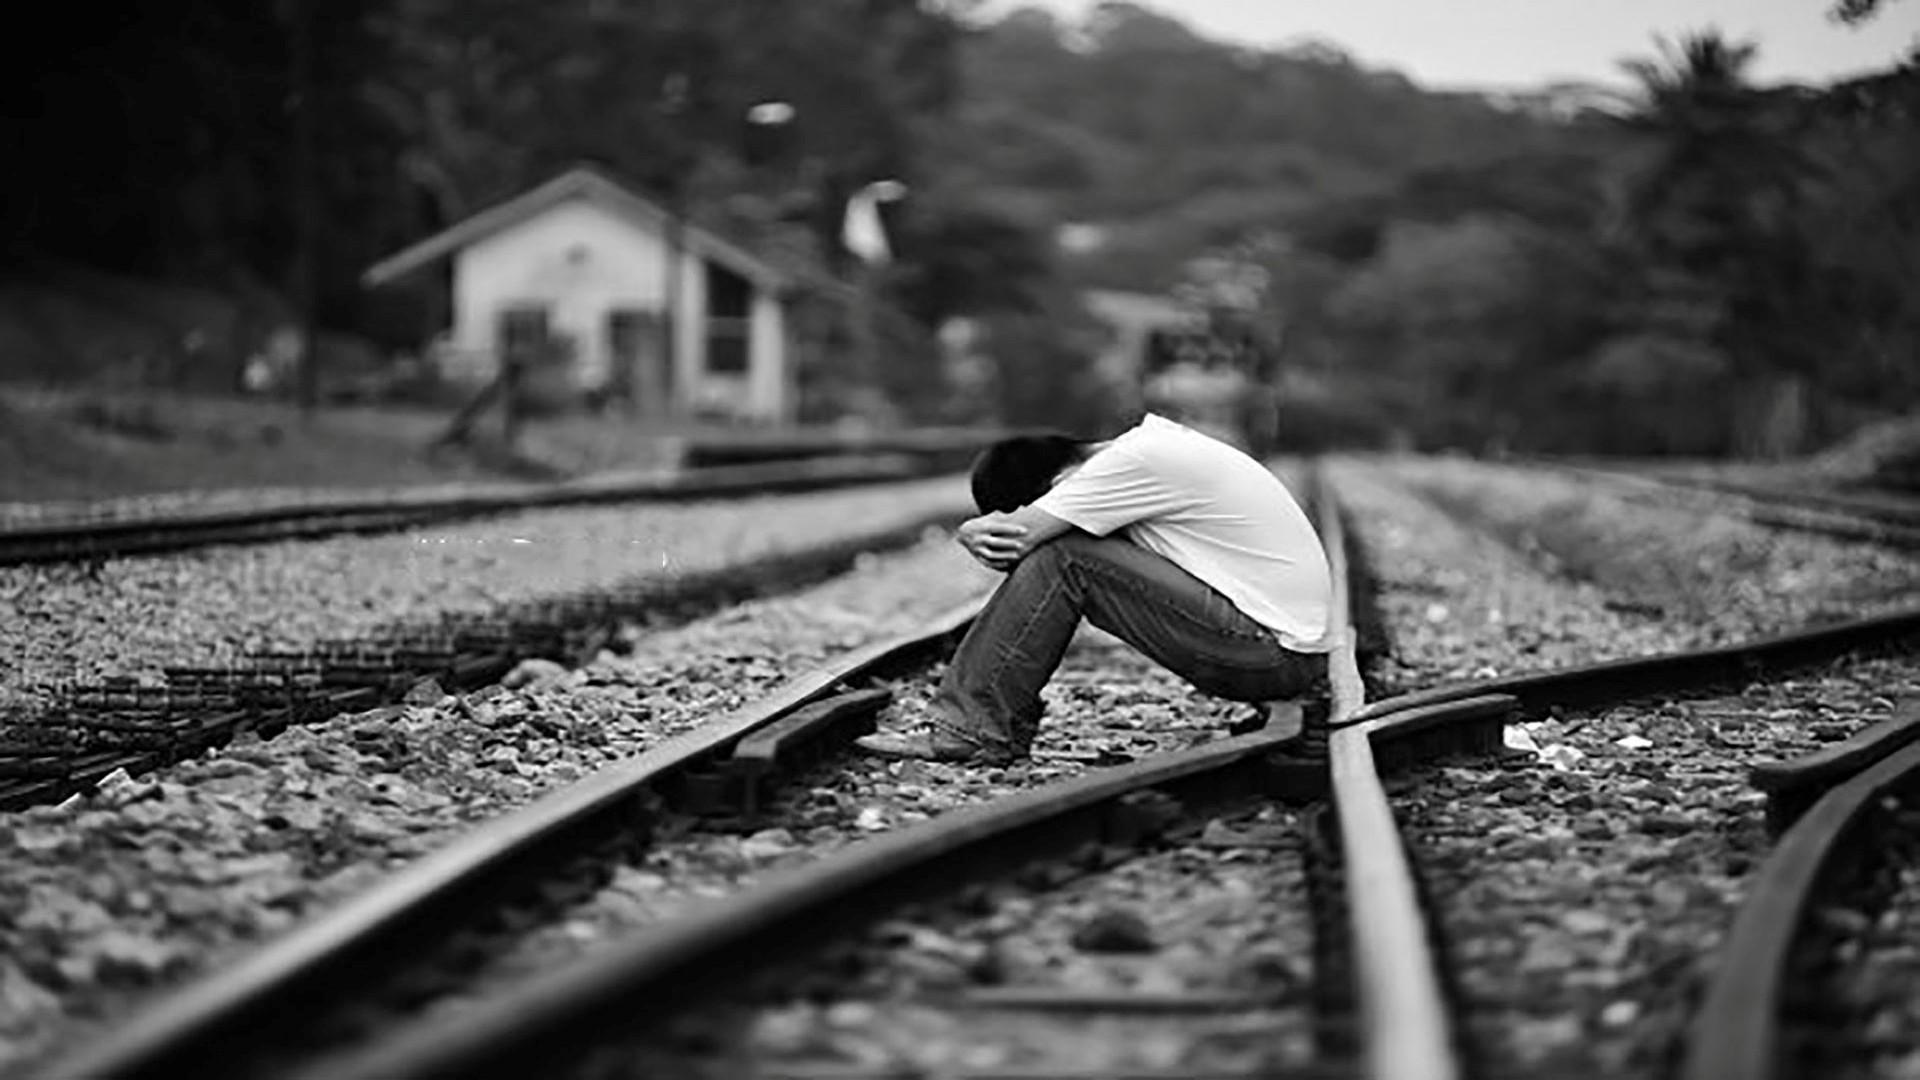 Alone Sad Image